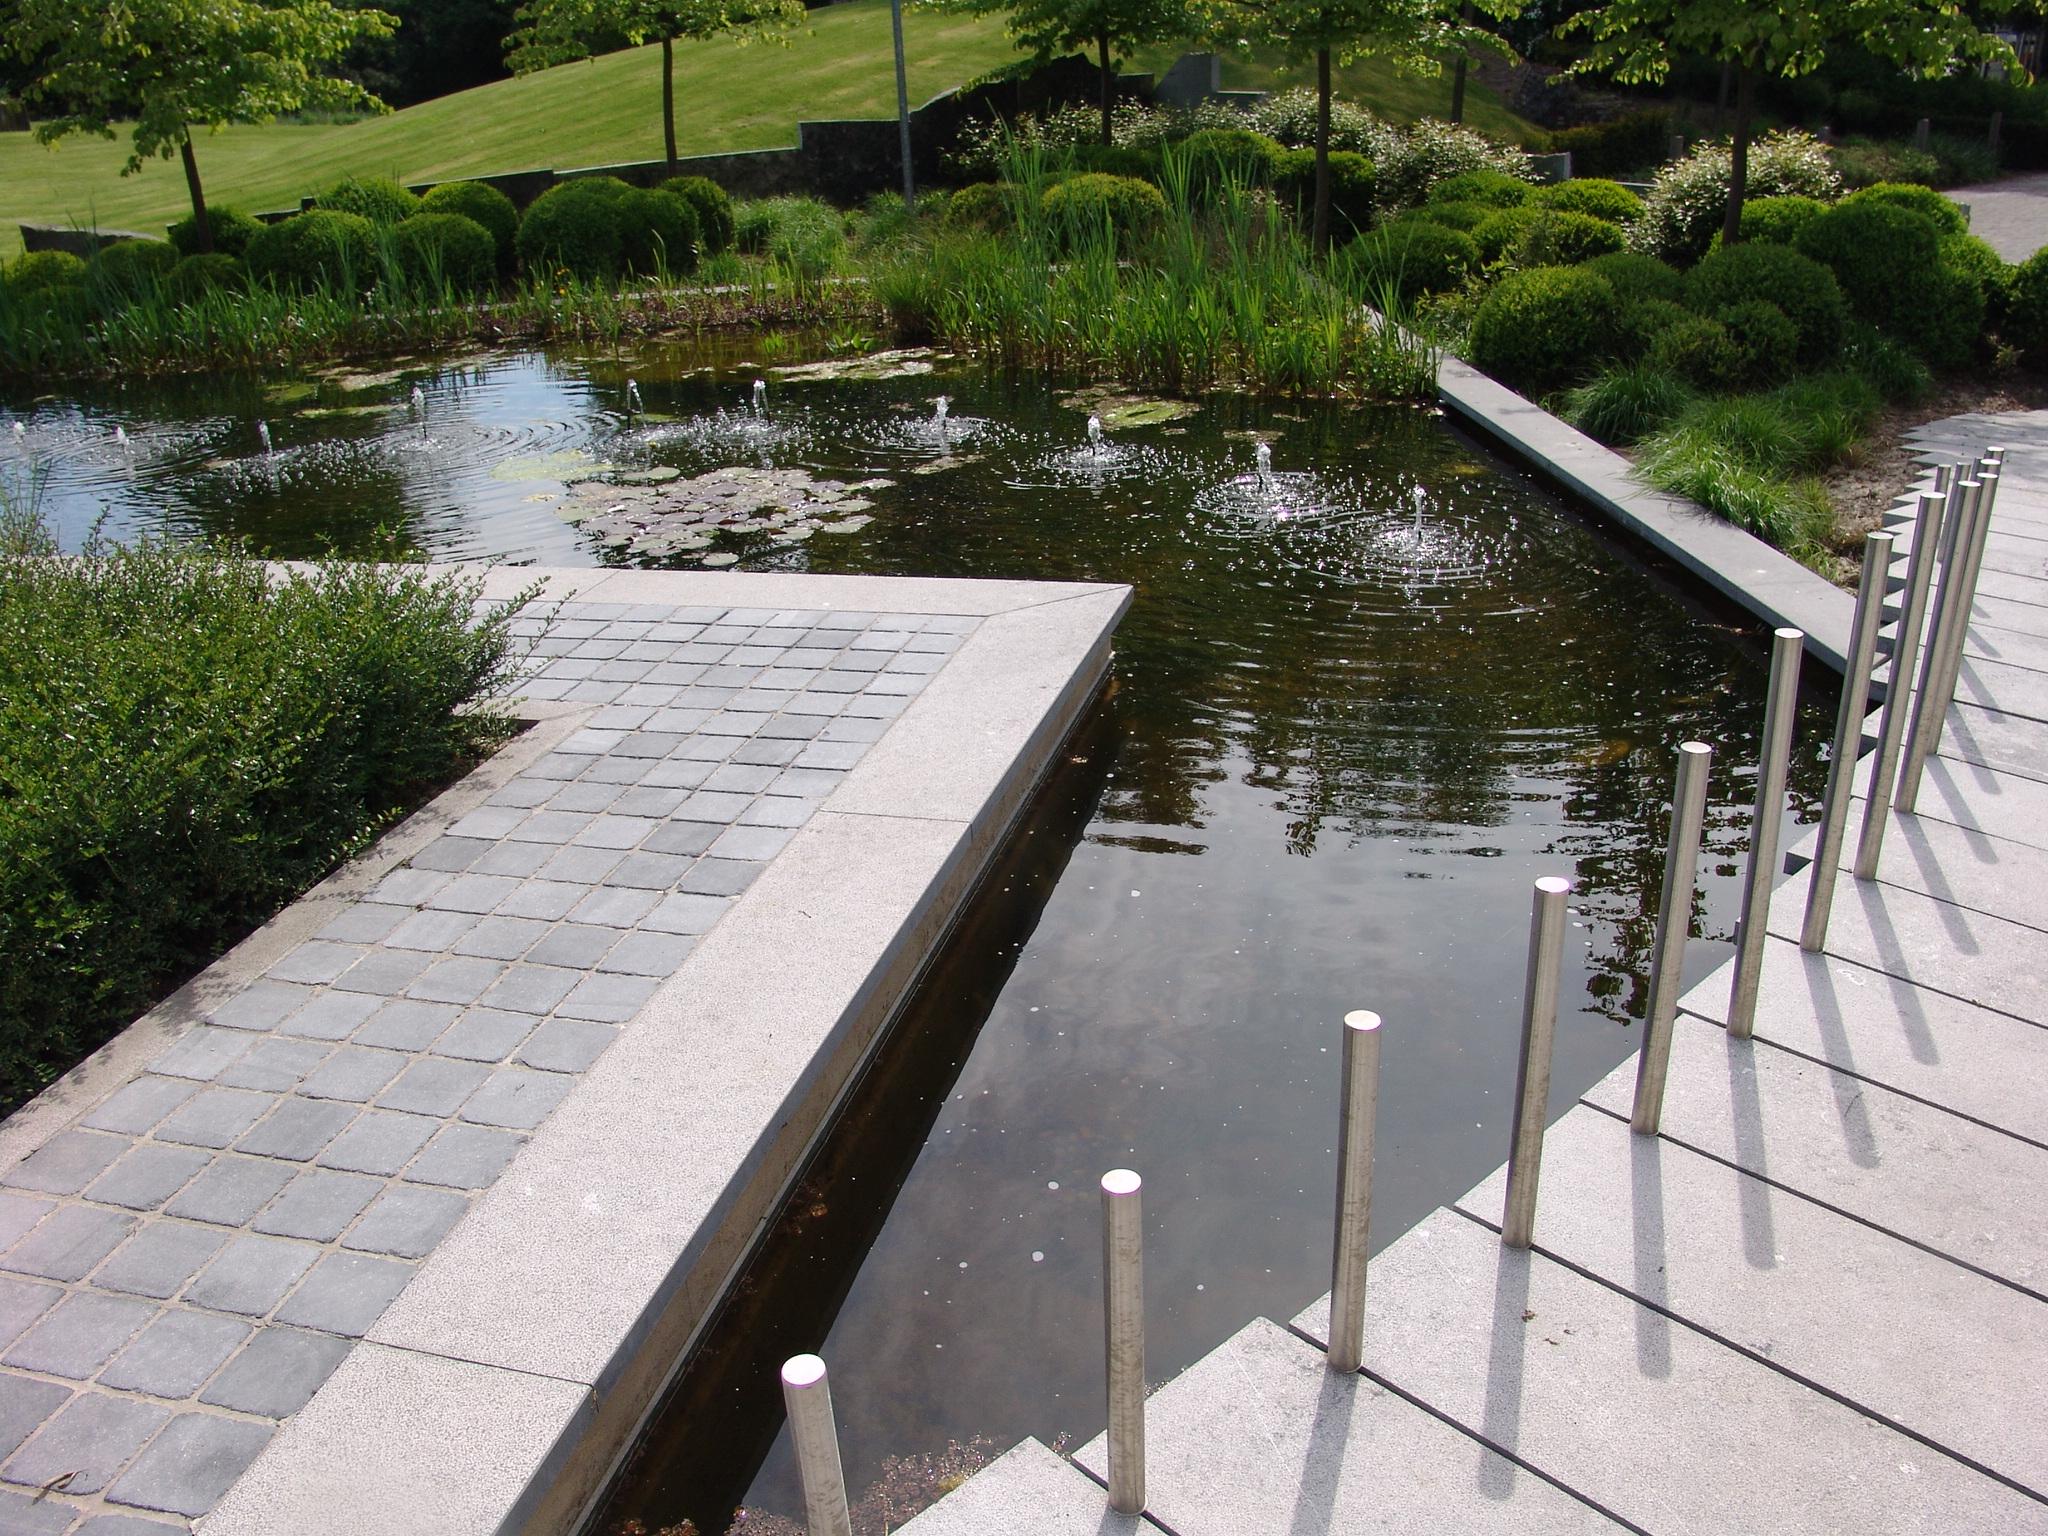 Les plans en ligne pour vos projets de terrasses acc s parkings jardins voiries abords - Bassin sur balcon angers ...